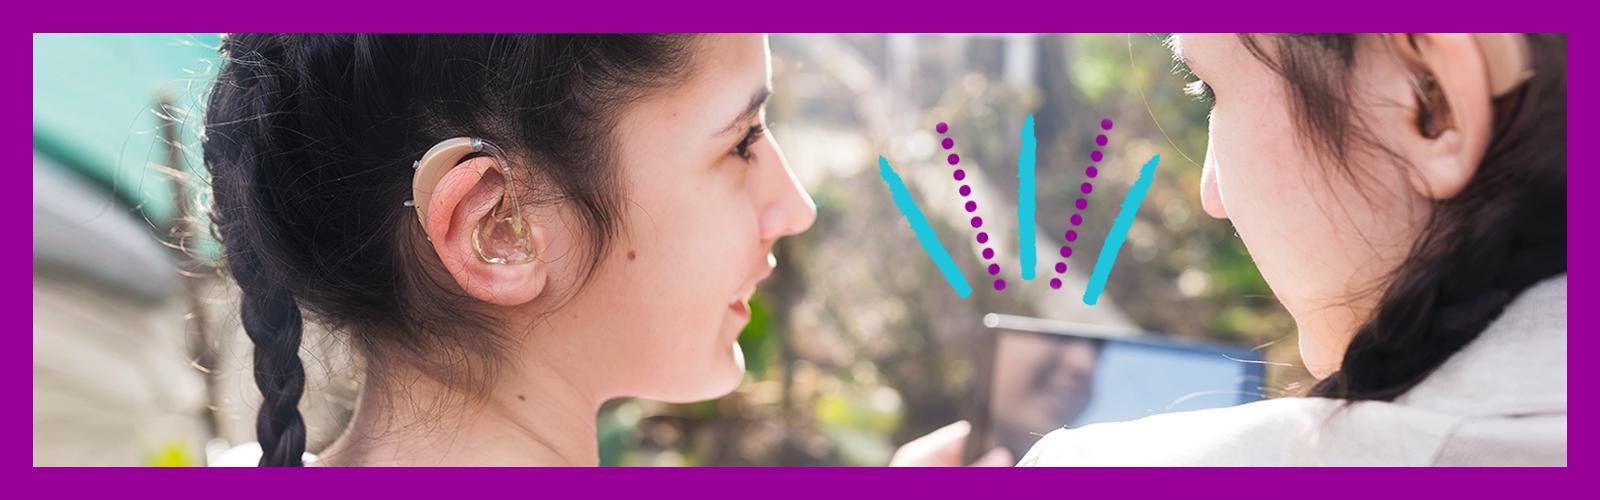 Imagem mostra uma menina com aparelho de surdez ao lado de uma mulher que segura um tablet nas mãos